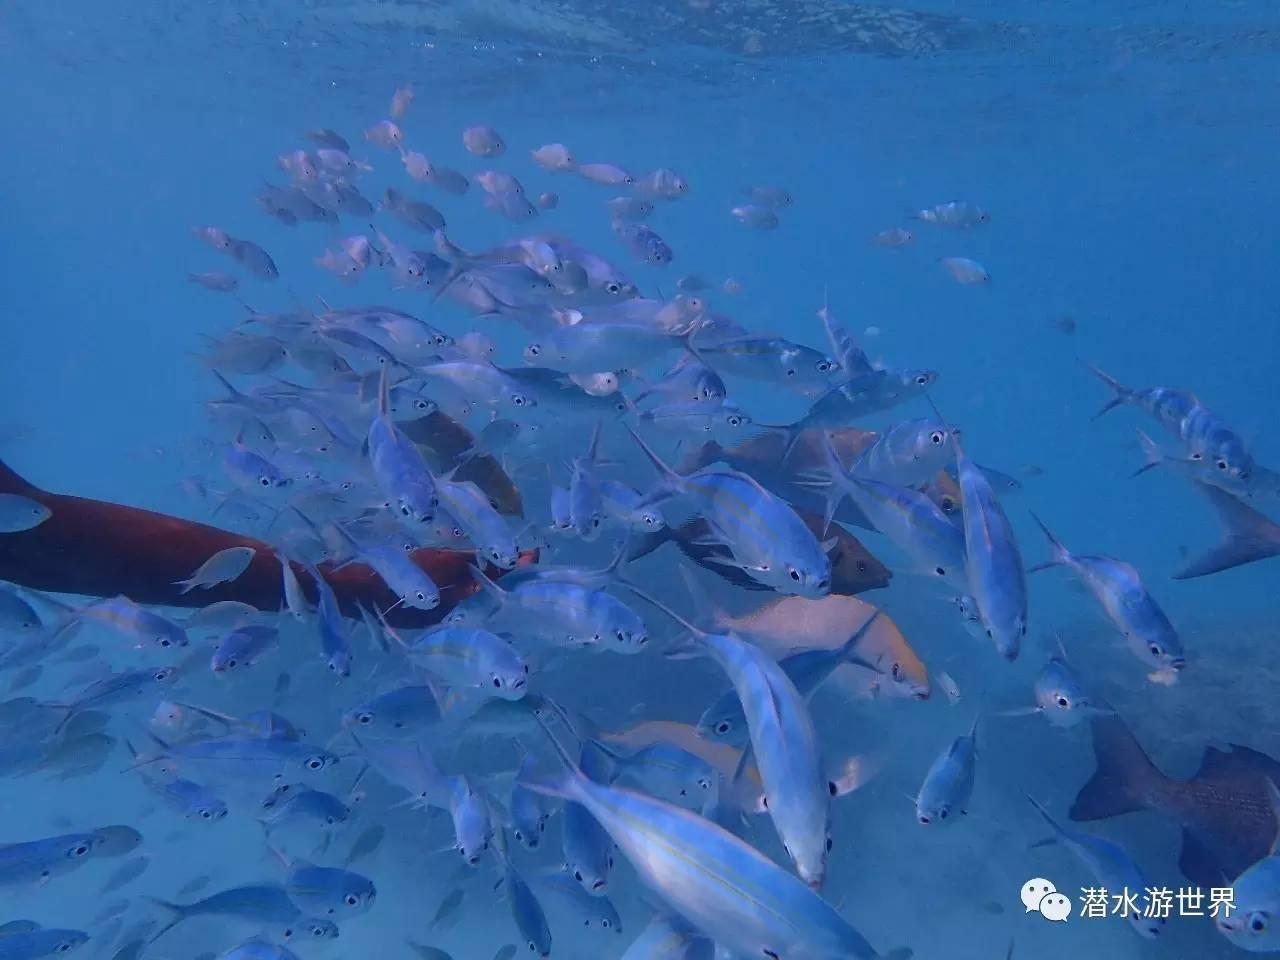 鲨鱼或是海鳗等大型鱼类,快到喂鱼时间总会看到这些大鱼游到靠近水面